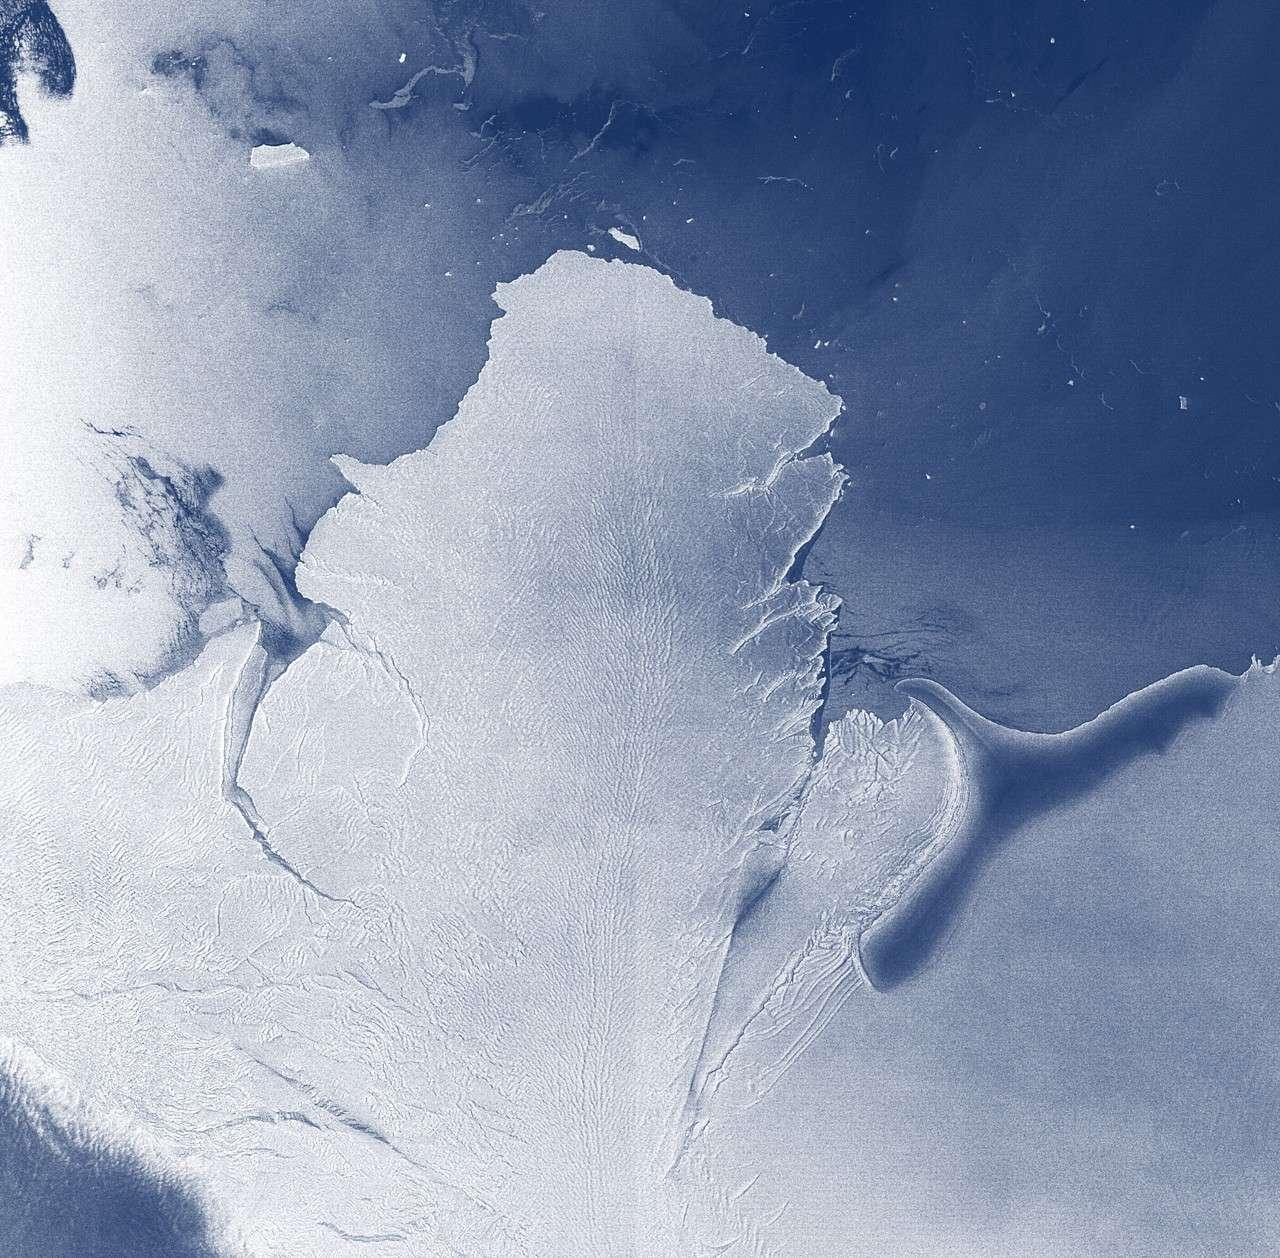 Sur cette image prise par Envisat apparaît la barrière de Brunt qui s'étend en bordure de la mer de Weddel, sur les côtes du nord de la terre de Coats, en Antarctique. © Esa